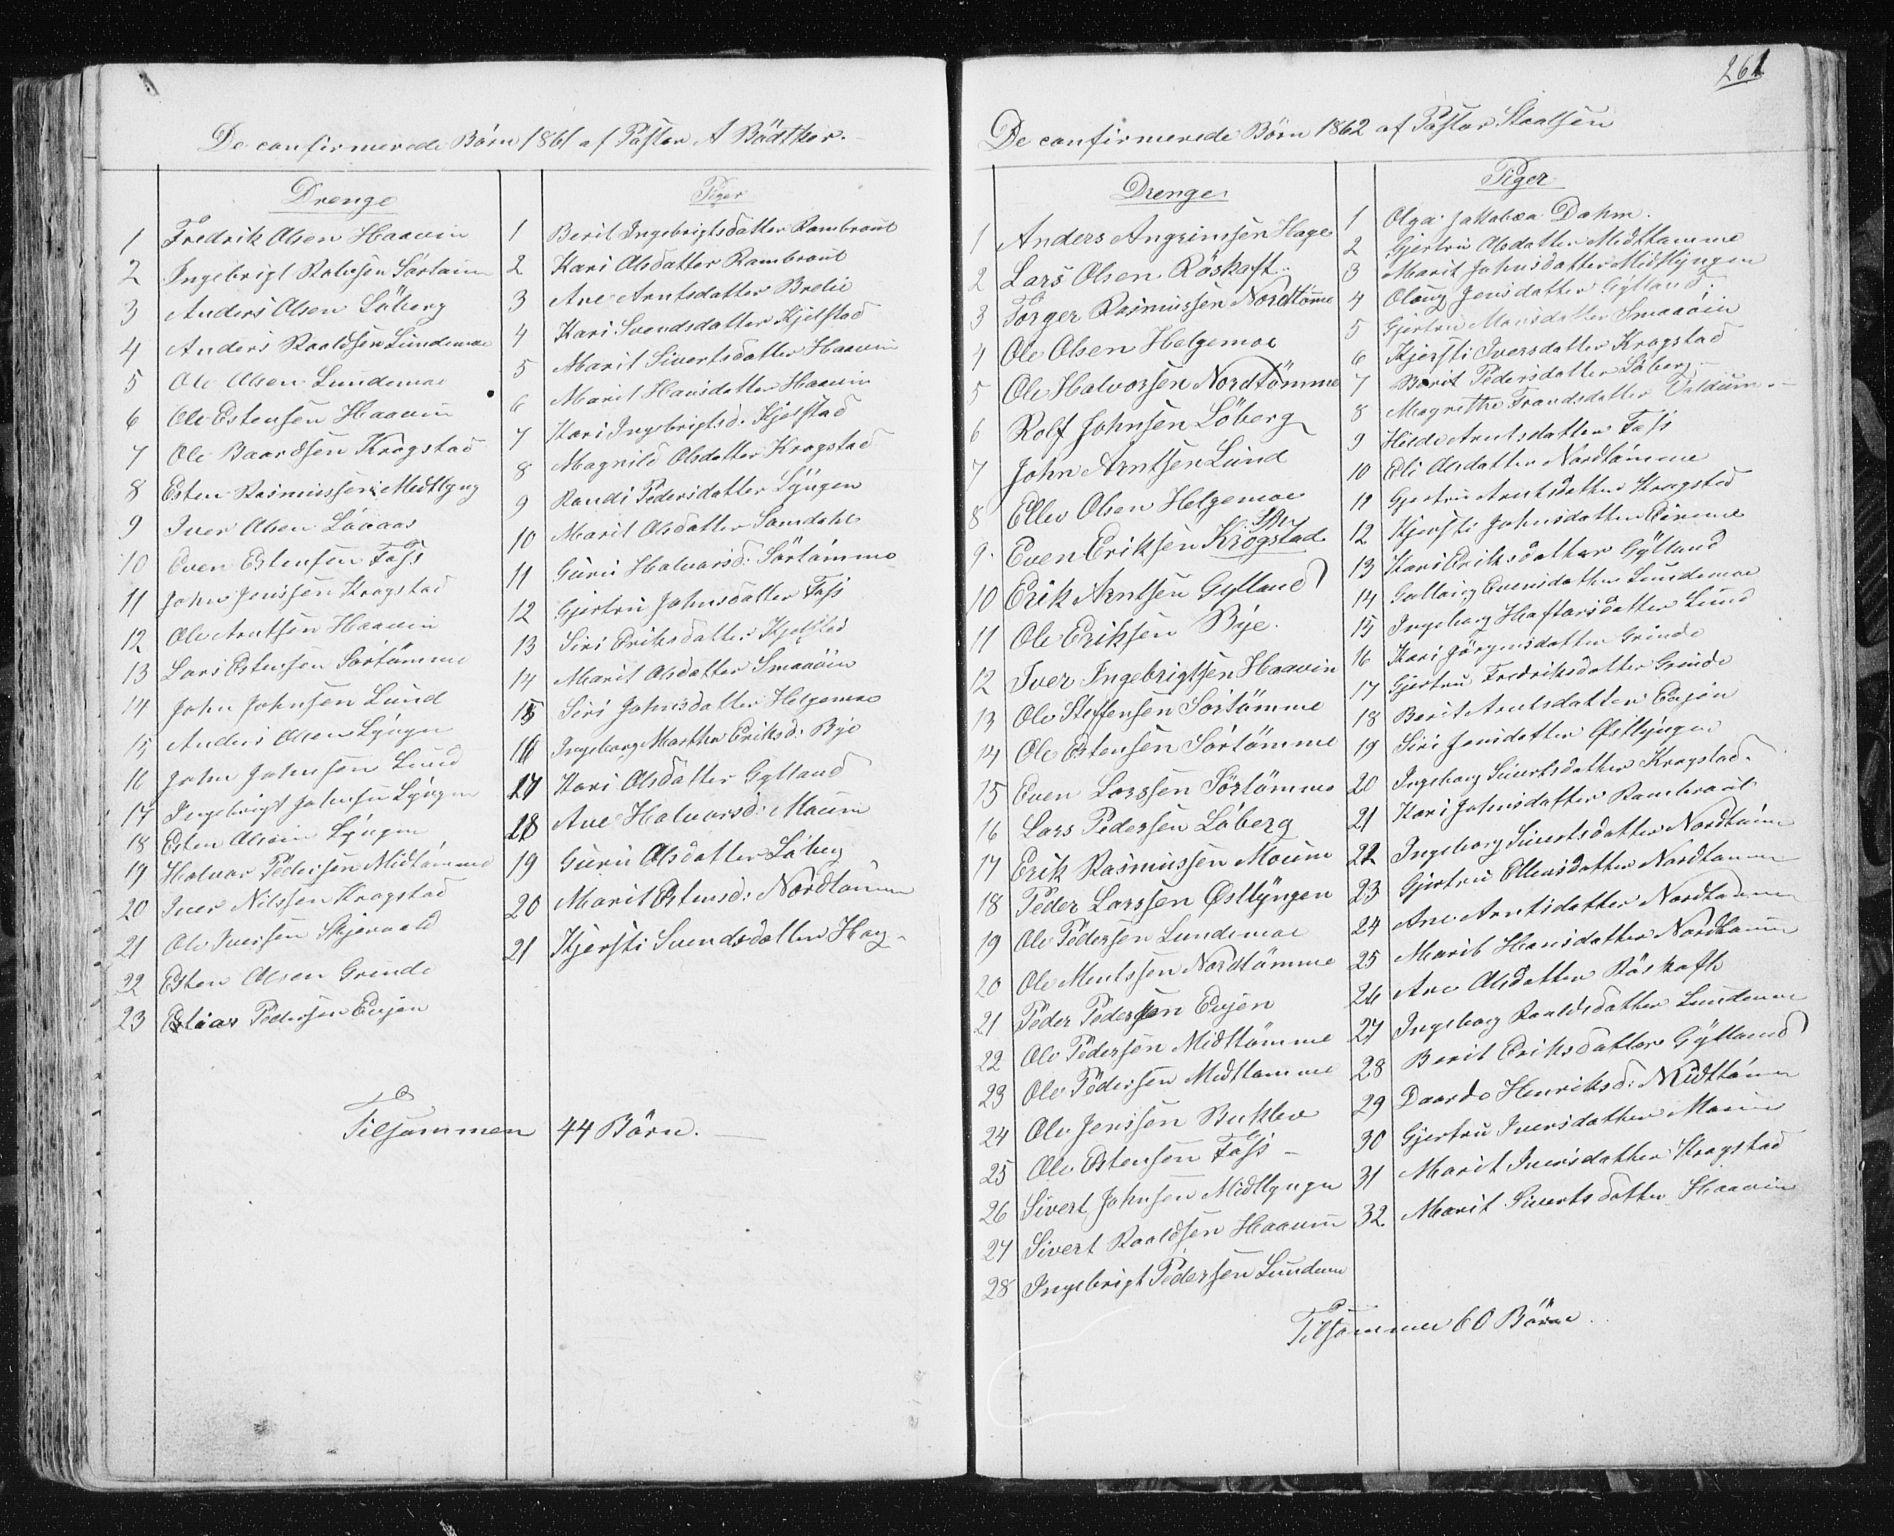 SAT, Ministerialprotokoller, klokkerbøker og fødselsregistre - Sør-Trøndelag, 692/L1110: Klokkerbok nr. 692C05, 1849-1889, s. 261